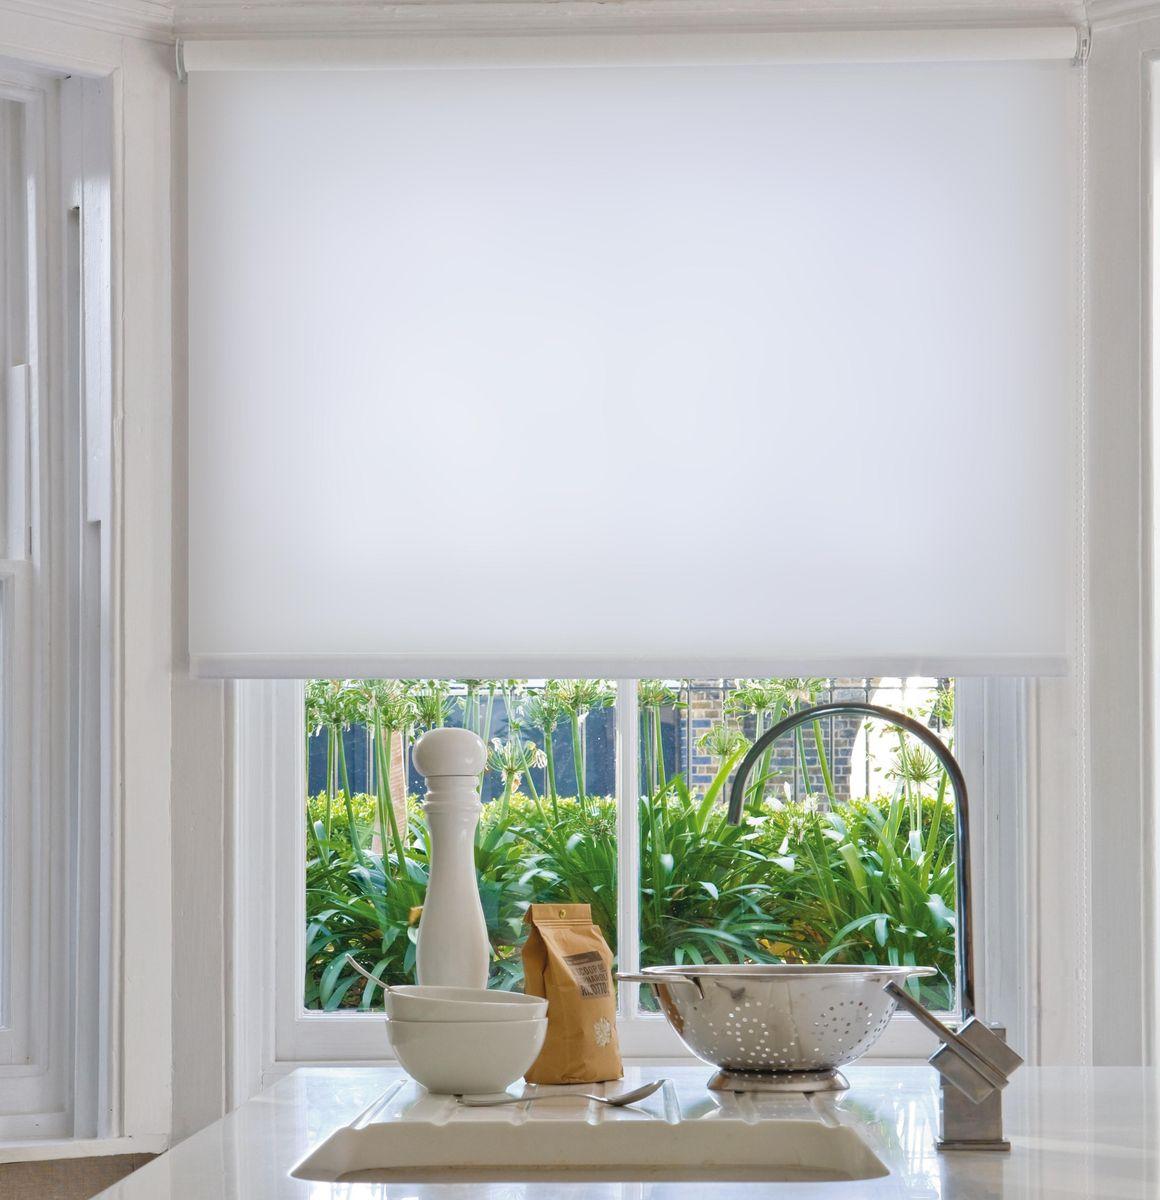 Штора рулонная Эскар, цвет: белый, ширина 150 см, высота 170 смK100Рулонными шторами можно оформлять окна как самостоятельно, так и использовать в комбинации с портьерами. Это поможет предотвратить выгорание дорогой ткани на солнце и соединит функционал рулонных с красотой навесных.Преимущества применения рулонных штор для пластиковых окон:- имеют прекрасный внешний вид: многообразие и фактурность материала изделия отлично смотрятся в любом интерьере; - многофункциональны: есть возможность подобрать шторы способные эффективно защитить комнату от солнца, при этом о на не будет слишком темной. - Есть возможность осуществить быстрый монтаж. ВНИМАНИЕ! Размеры ширины изделия указаны по ширине ткани!Во время эксплуатации не рекомендуется полностью разматывать рулон, чтобы не оторвать ткань от намоточного вала.В случае загрязнения поверхности ткани, чистку шторы проводят одним из способов, в зависимости от типа загрязнения: легкое поверхностное загрязнение можно удалить при помощи канцелярского ластика; чистка от пыли производится сухим методом при помощи пылесоса с мягкой щеткой-насадкой; для удаления пятна используйте мягкую губку с пенообразующим неагрессивным моющим средством или пятновыводитель на натуральной основе (нельзя применять растворители).